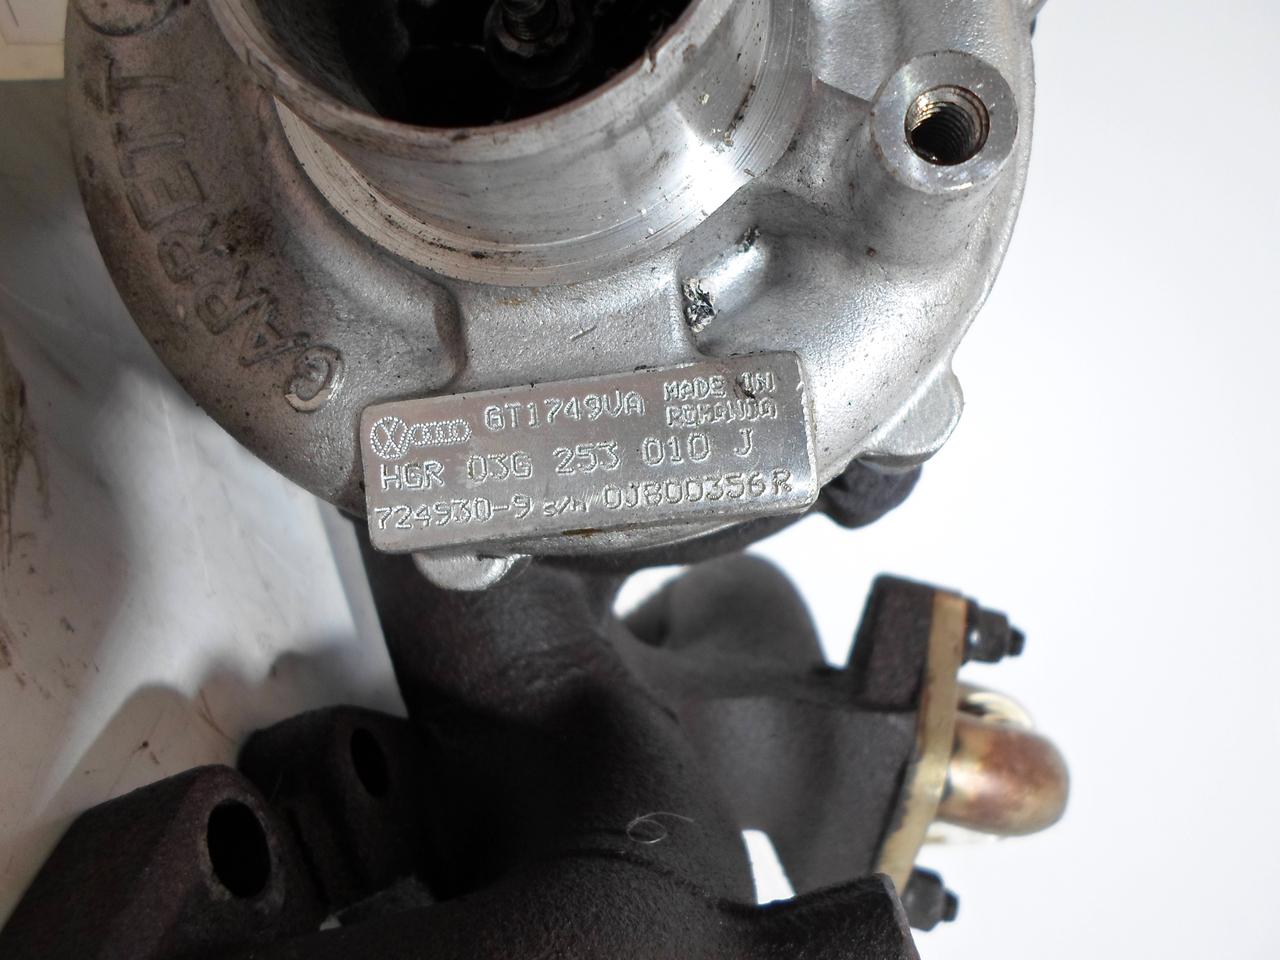 Turbina Vw Passat 2.0 TDI 140 cp 2005-2010 cod: 03g253010j